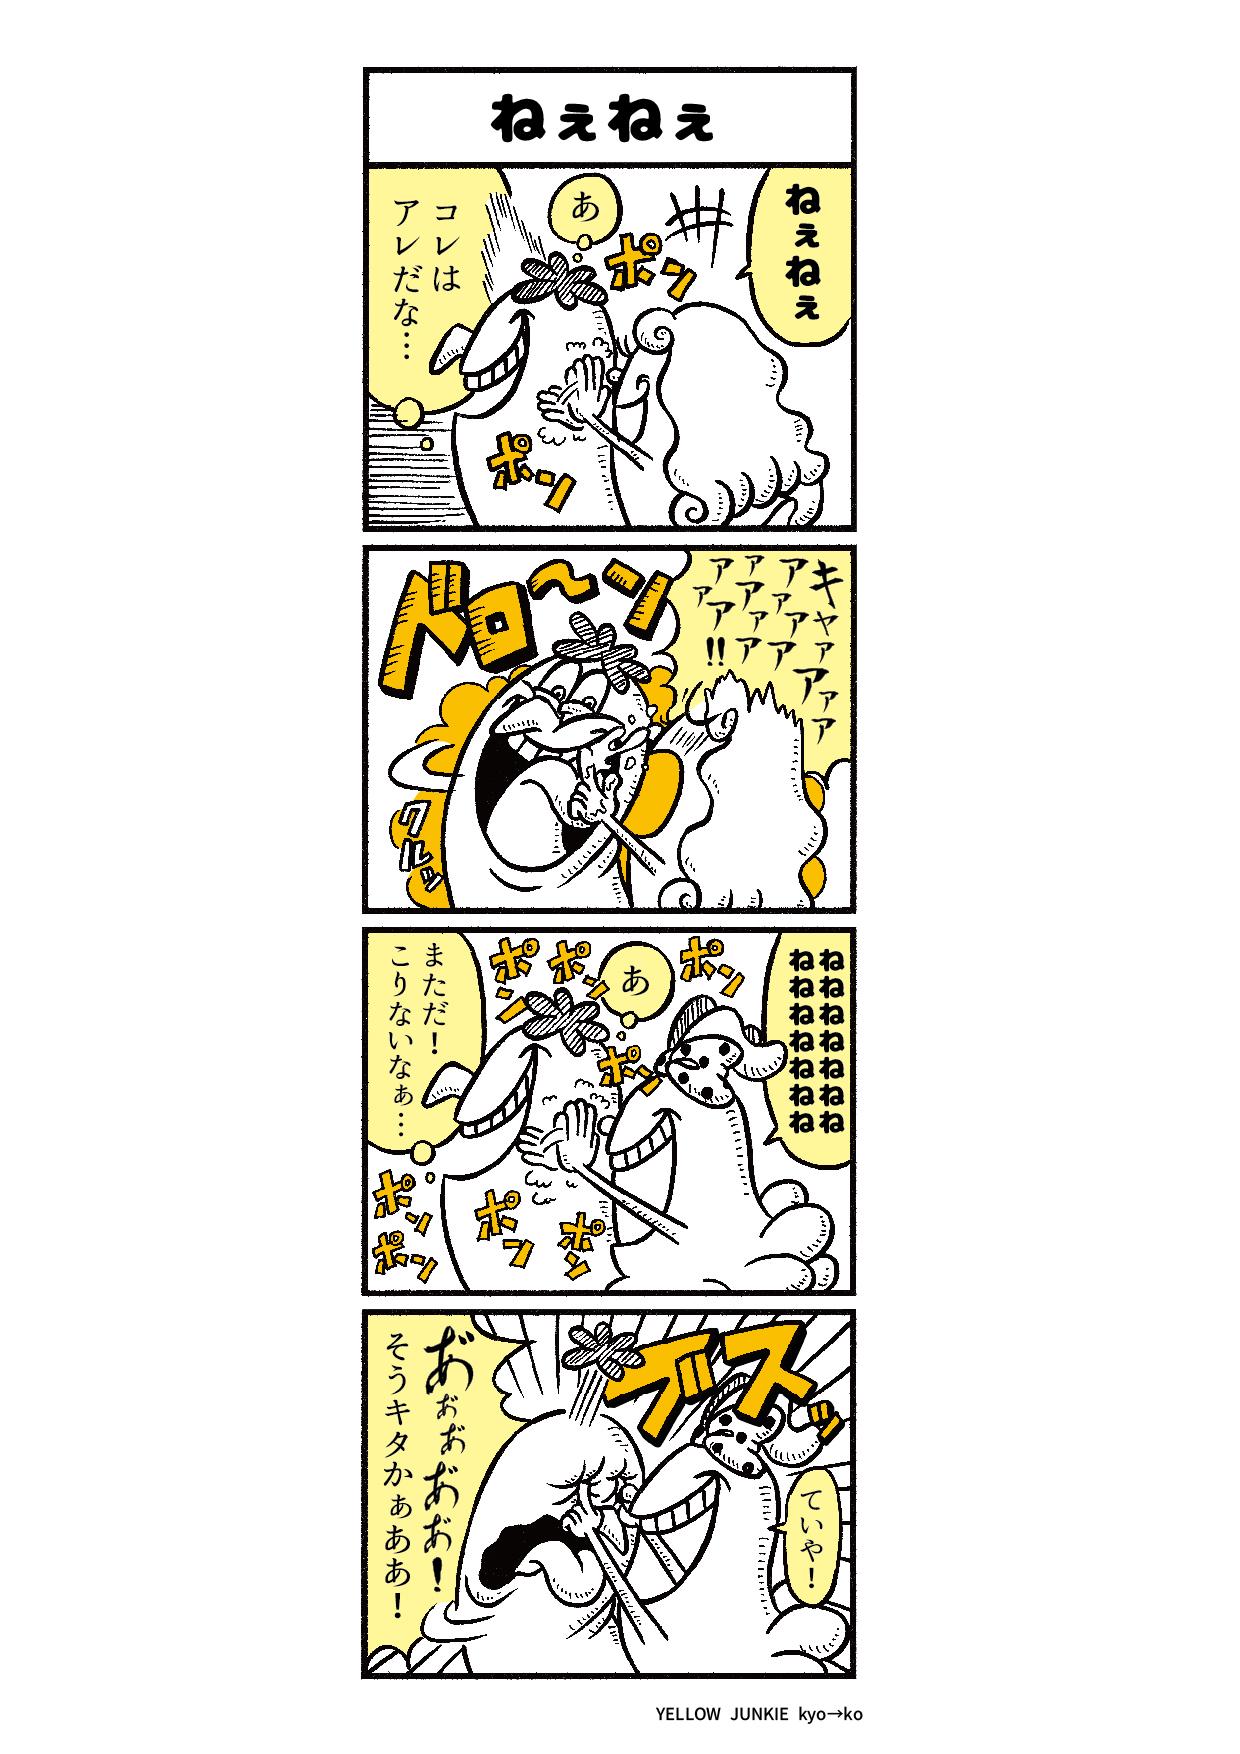 YELLOW JUNKIE「14話:ねぇねぇ」